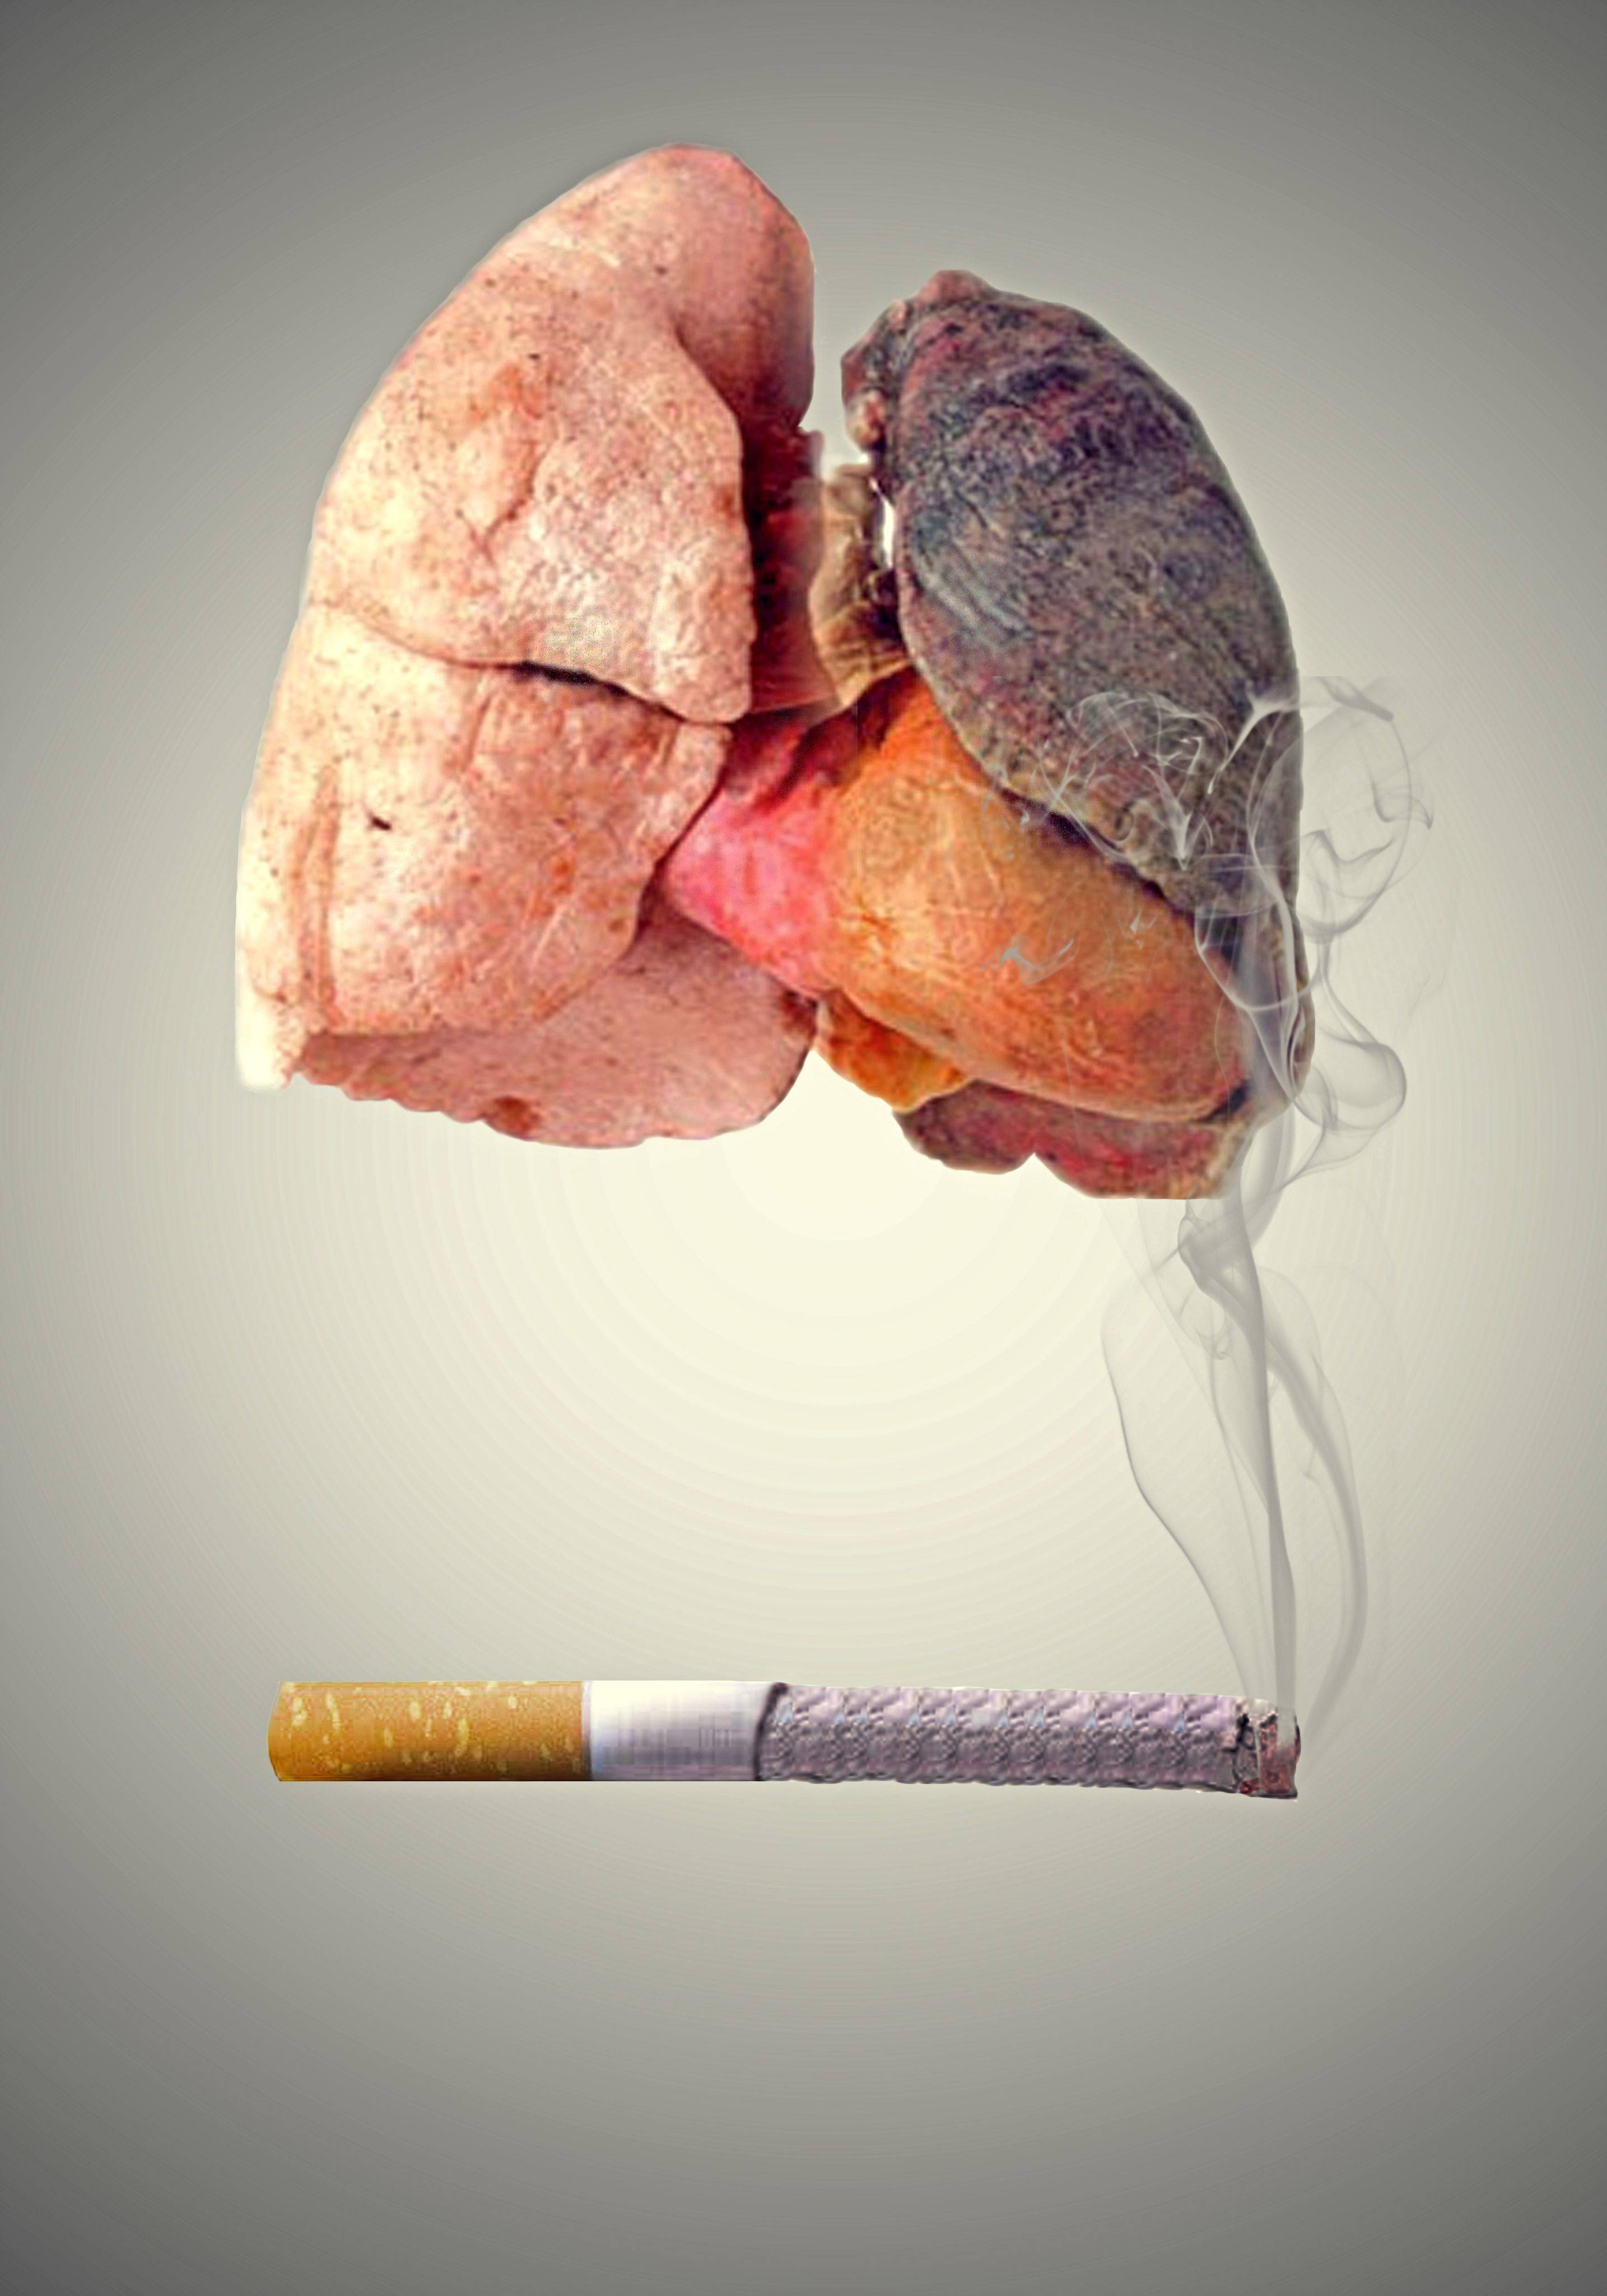 Бросил курить и начались проблемы со здоровьем - кто сказал, что будет легко